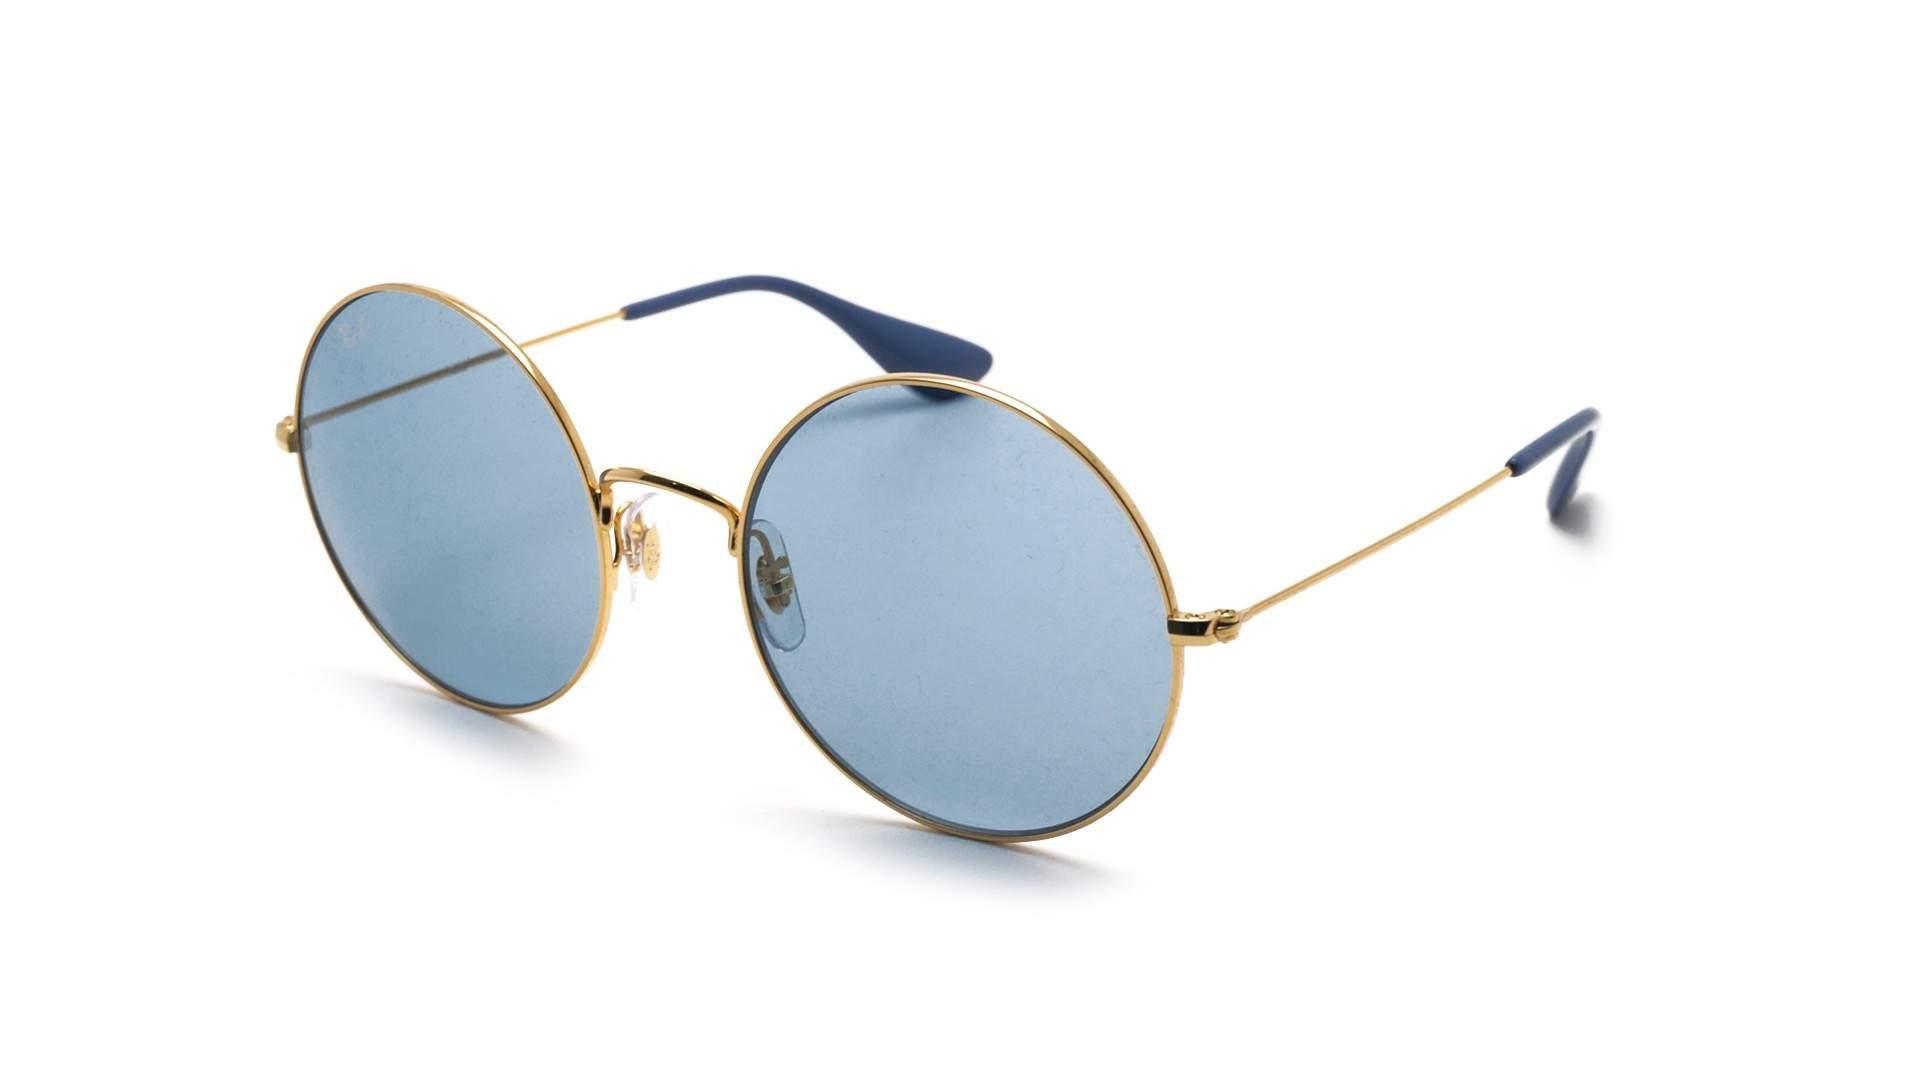 195adb63ef Sunglasses Ray-Ban Ja-jo Gold RB3592 001 F7 50-20 Medium